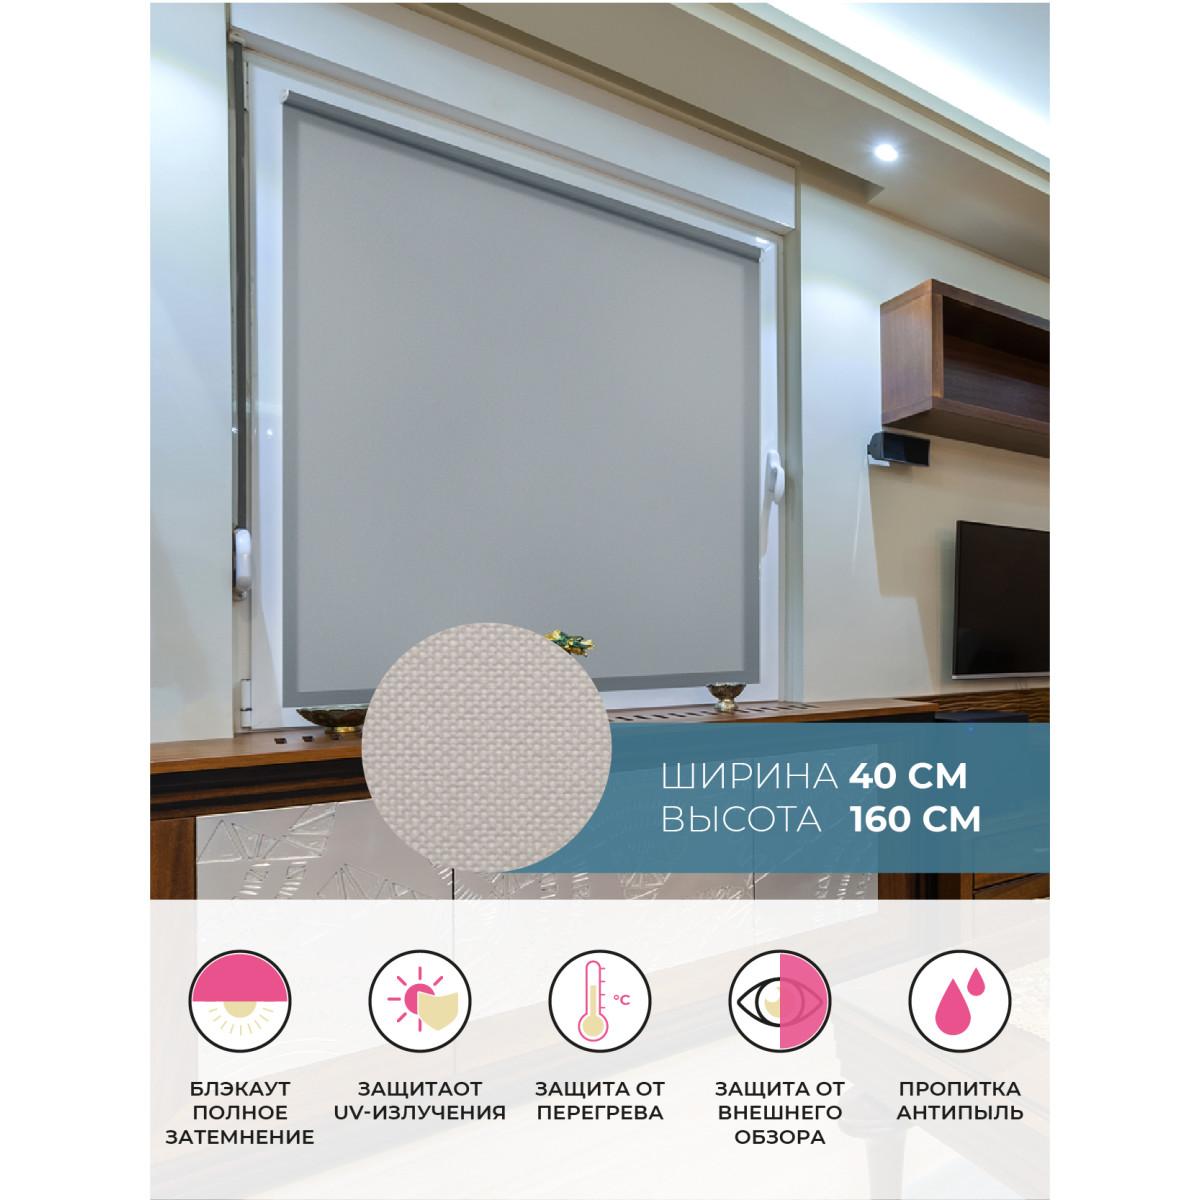 Рулонная Ора Decofest Блэкаут Плайн 40Х160 Цвет Серый